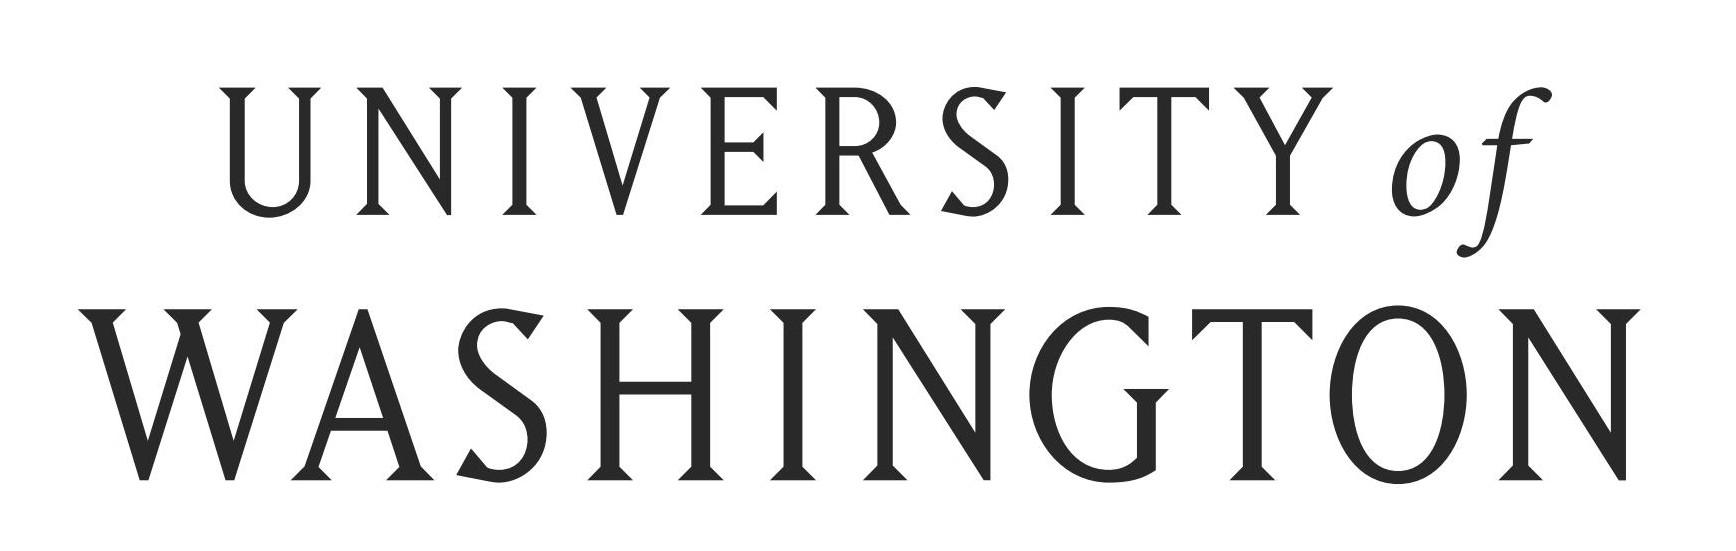 UW_Logo_University_of_Washington1